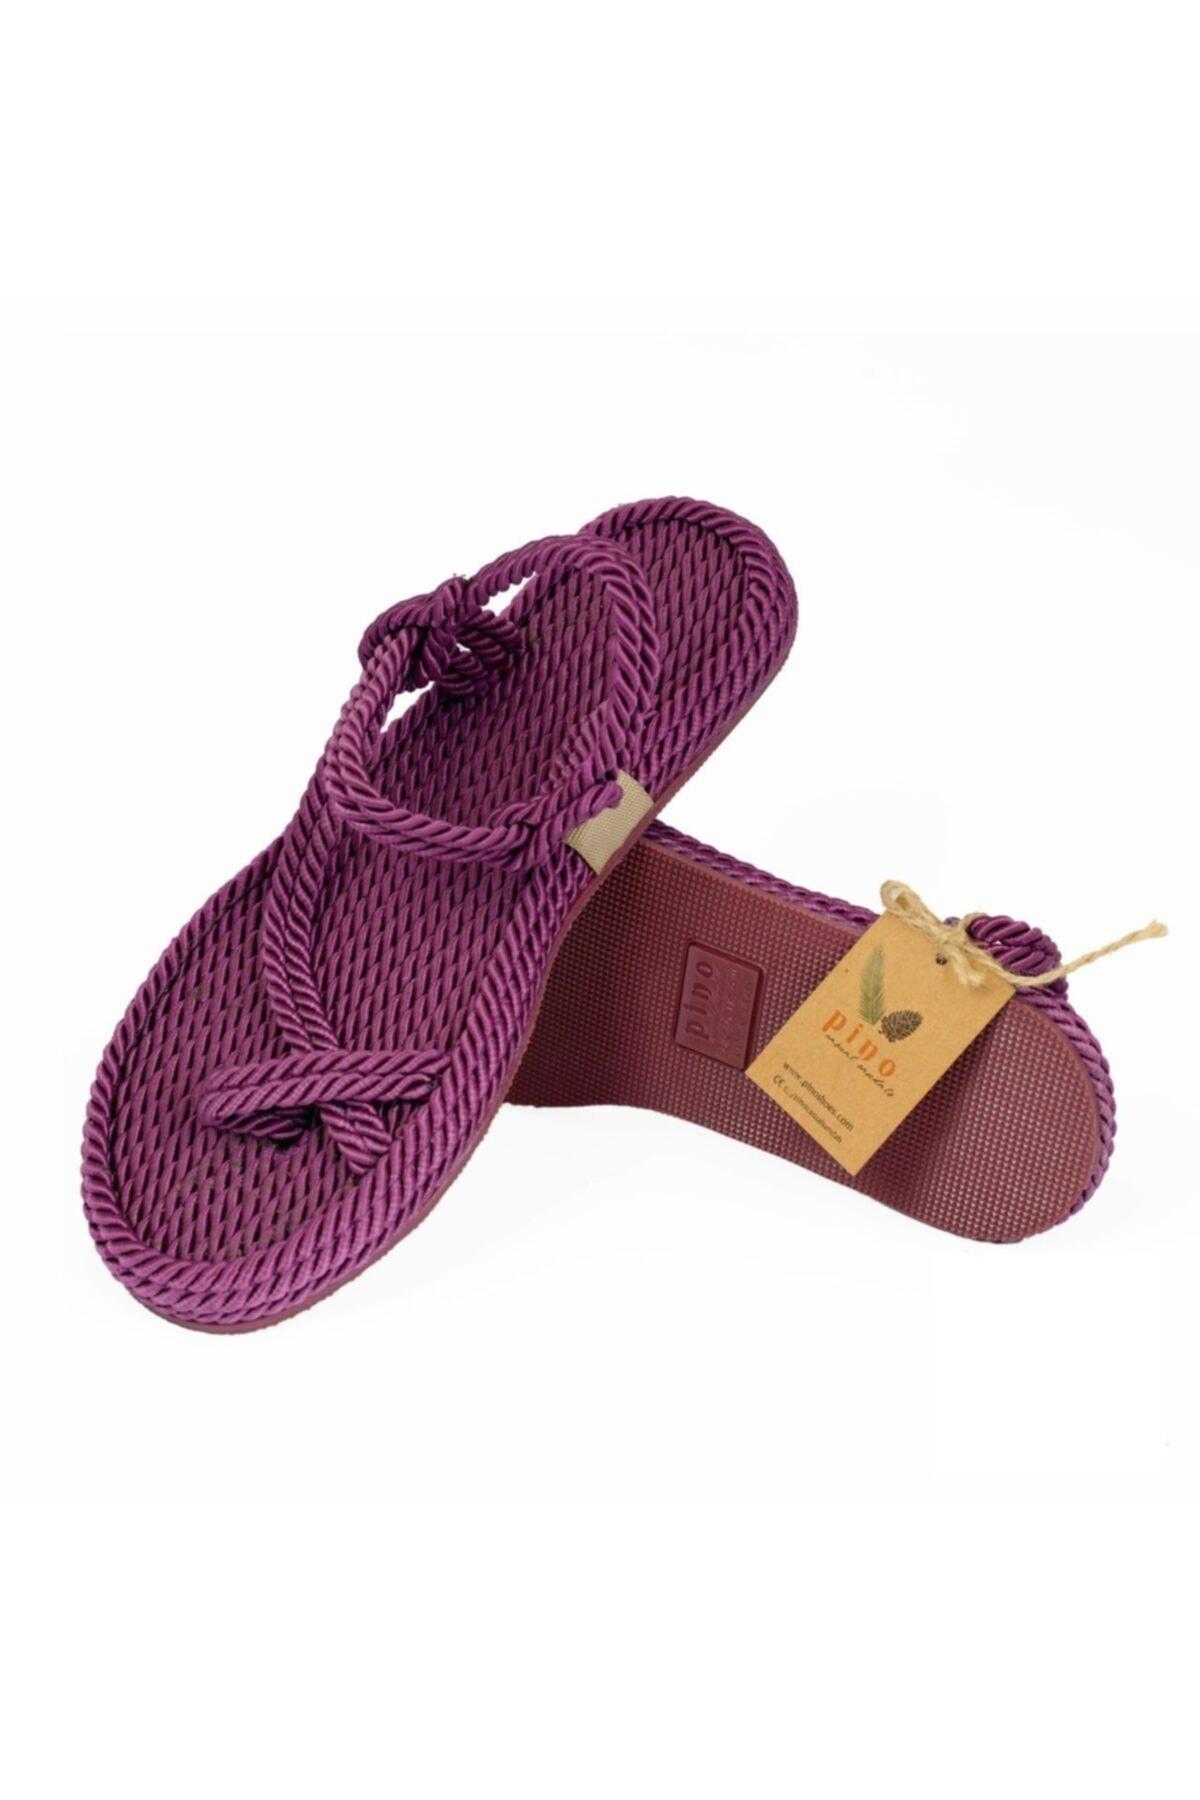 Miteka plum purple scarpe Casual Hera Rope Sandals new fashion uomo donna universal summer prodotto colorato sea sun beach